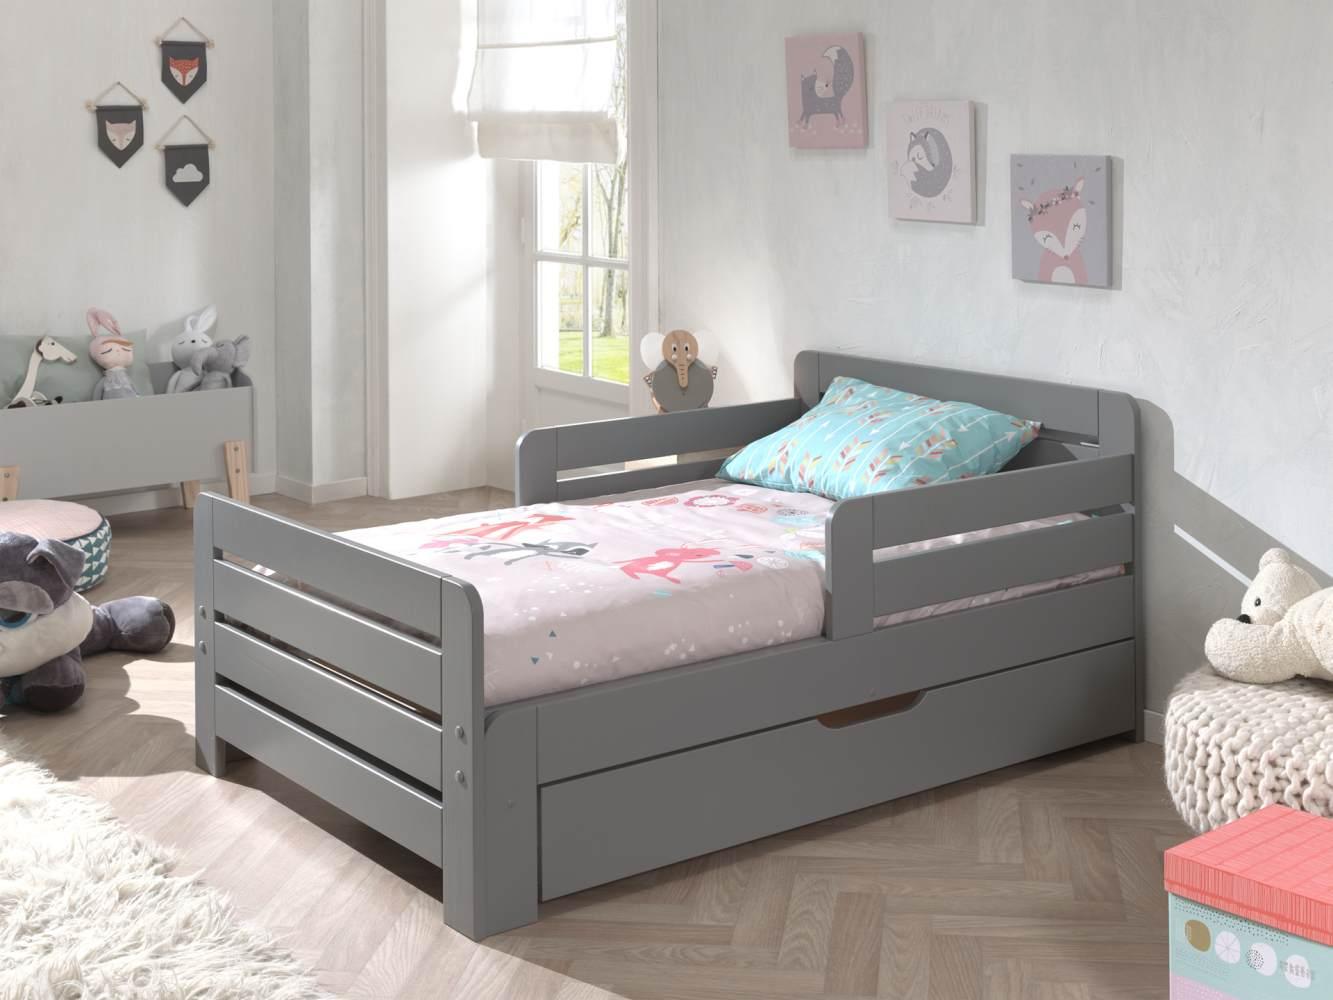 Vipack Kinderbett Jumper zum ausziehen von 90 x 140/200 cm, inkl. Bettschublade und Matratze 140+60 cm Bild 1